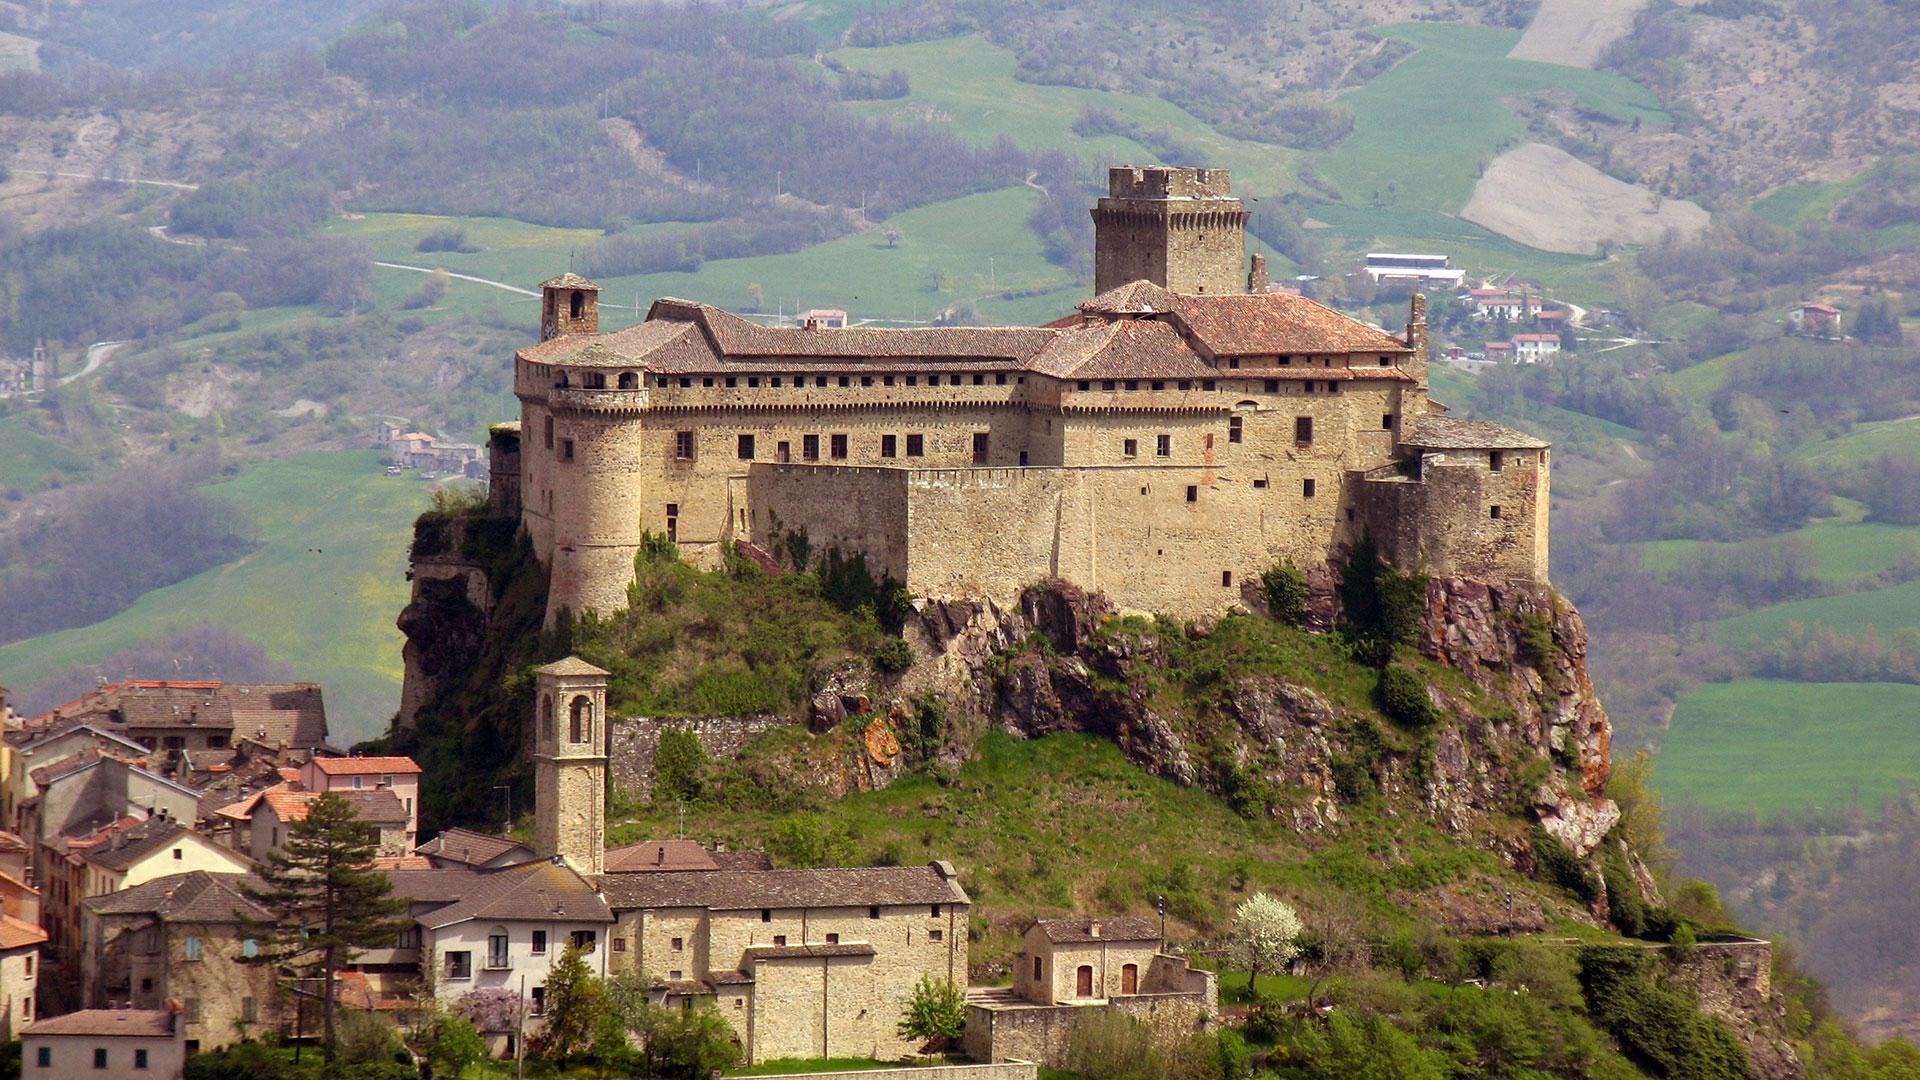 St Martin Castles